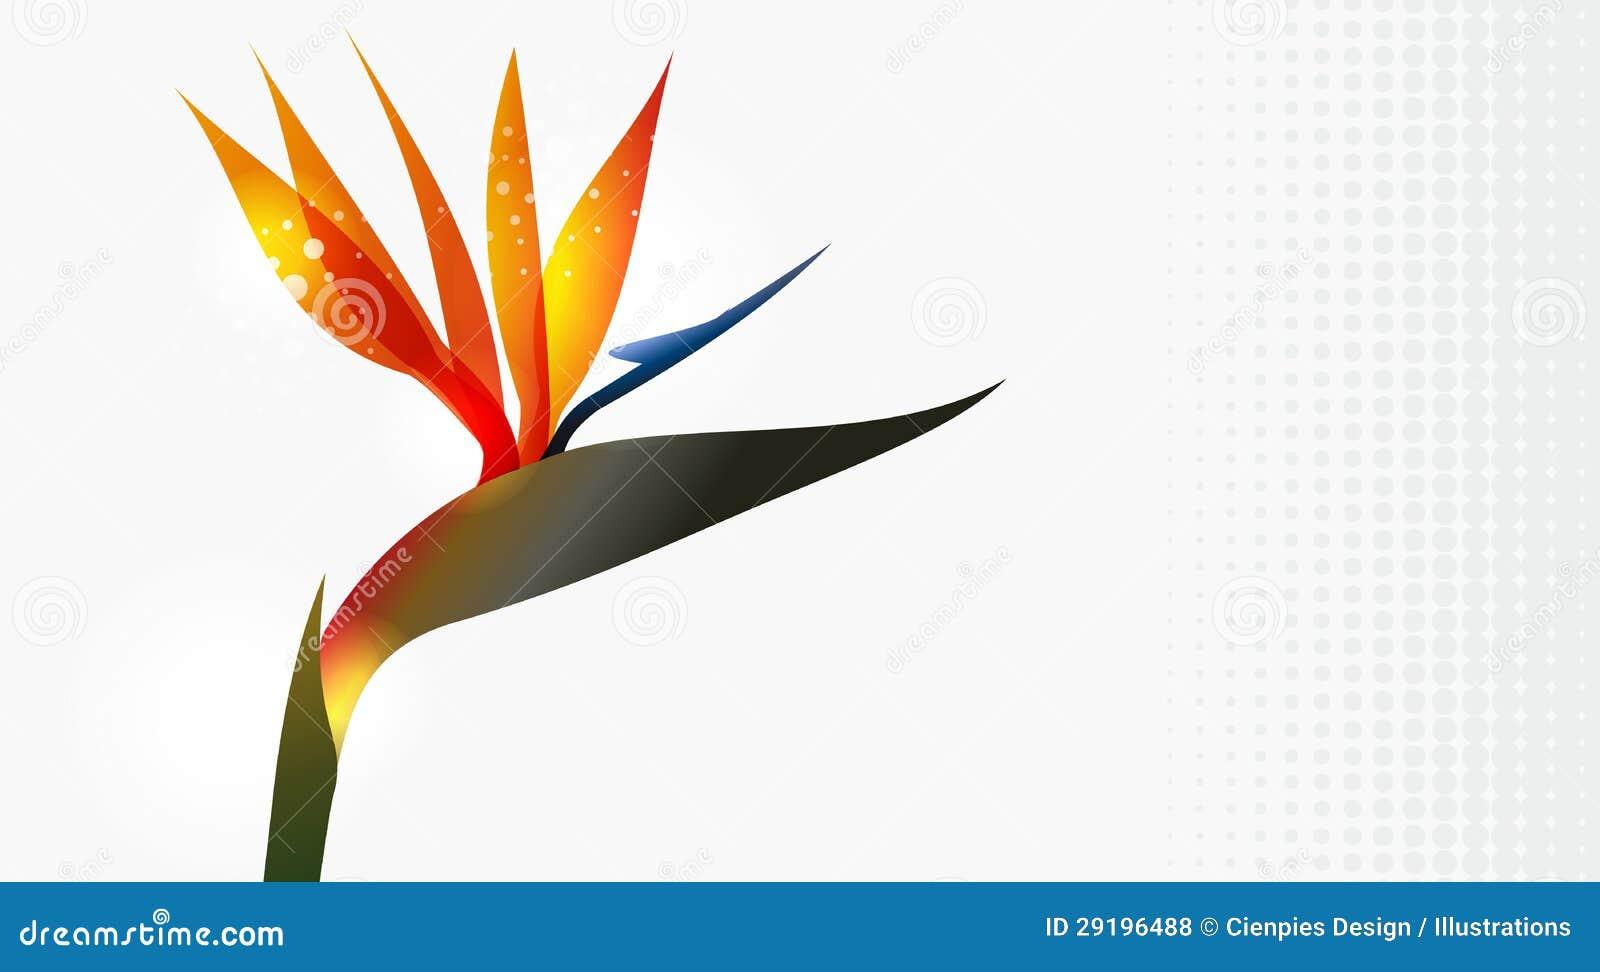 oiseau de fin de fleur de paradis vers le haut illustration de vecteur image 29196488. Black Bedroom Furniture Sets. Home Design Ideas